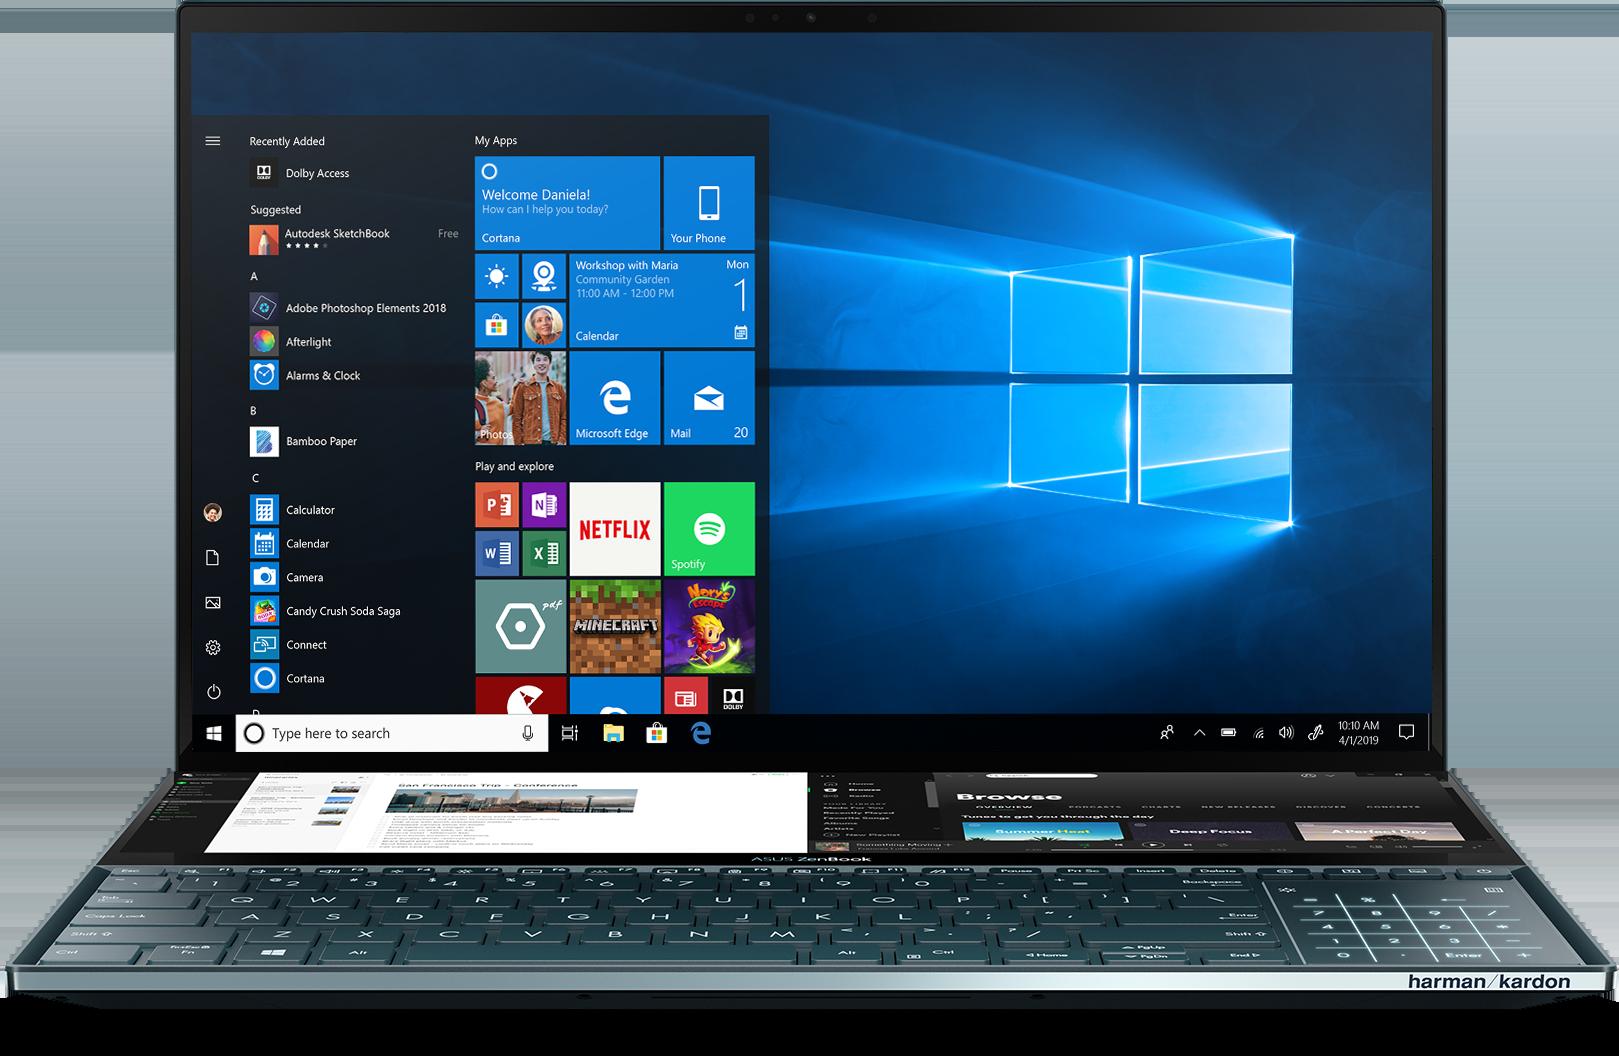 ASUS Zenbook Pro Duo UX581GV-XB94T Laptop